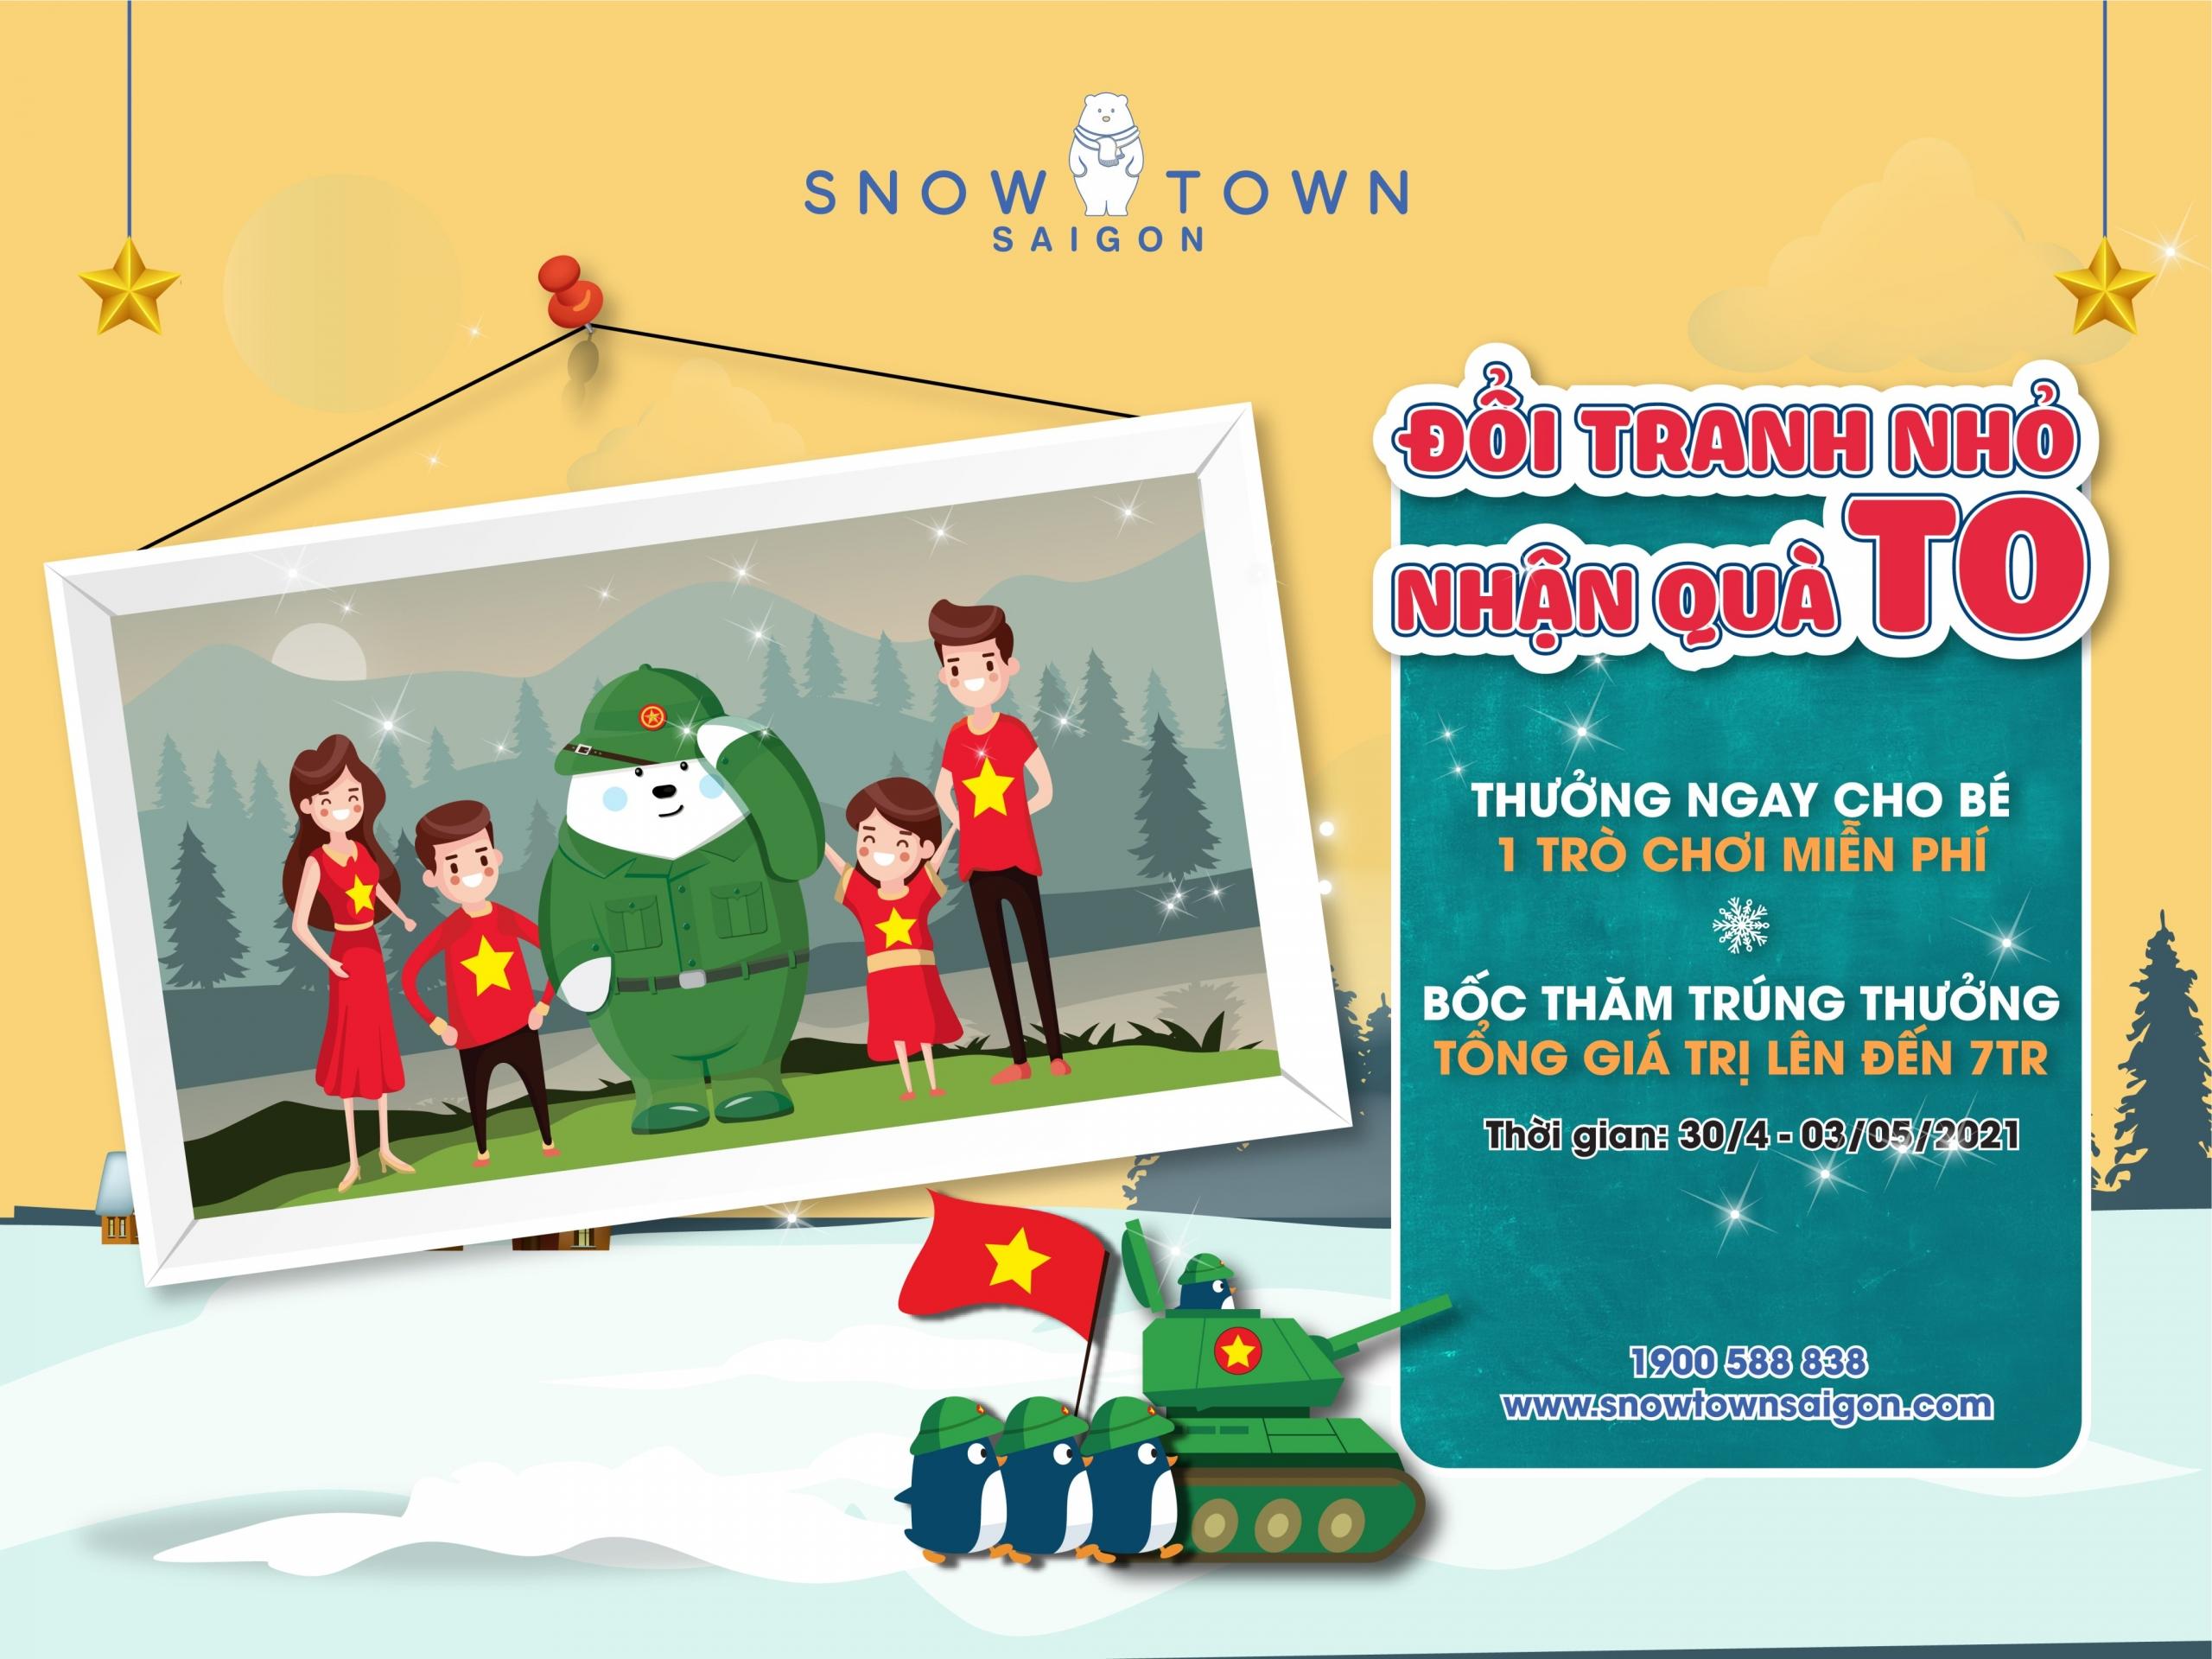 GIẢI PHÓNG MIỀN NAM CÙNG SNOW TOWN THAM GIA HỌC KÌ QUÂN ĐỘI NHÍ